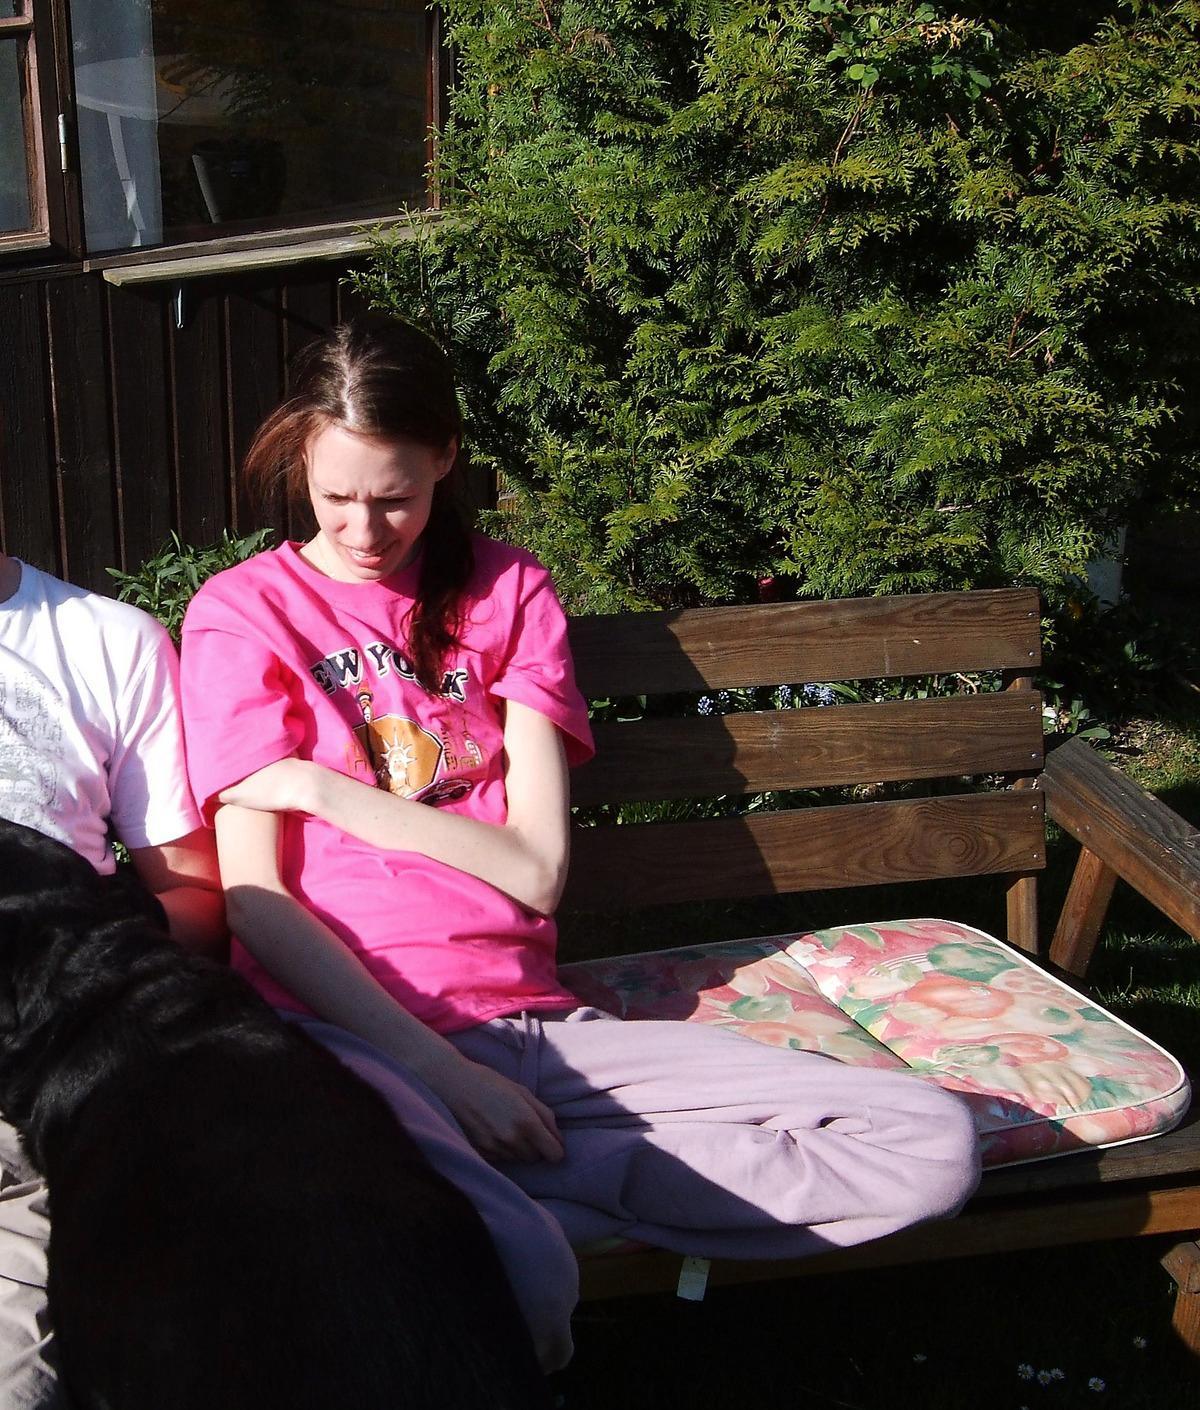 12 DAGAR KVAR Den här bilden togs den 19 maj 2011. 12 dagar senare var Emilia död.